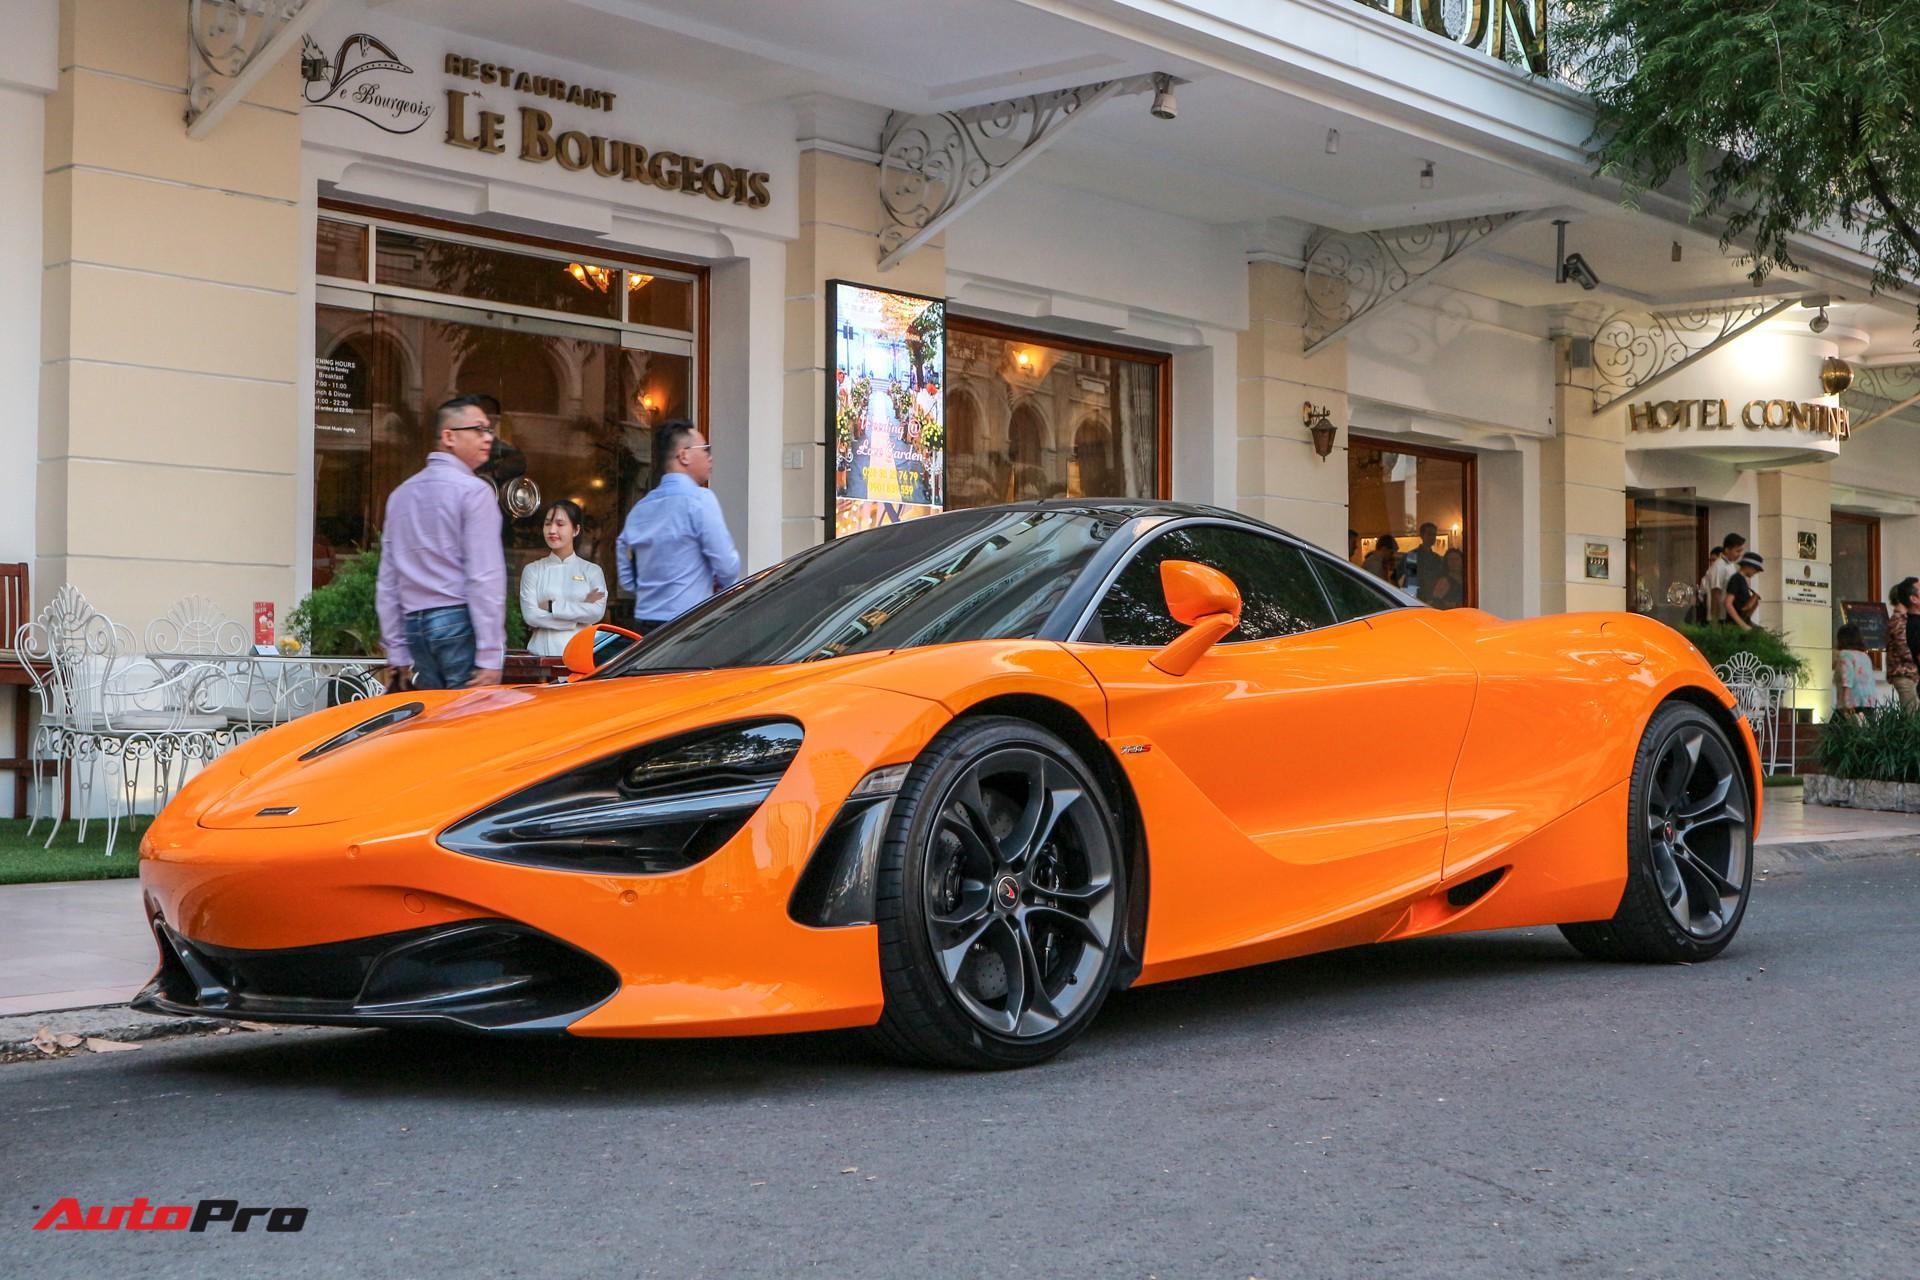 Cường Đô-la lần đầu mang McLaren 720S mới tậu đi họp mặt cùng bạn bè - Ảnh 11.